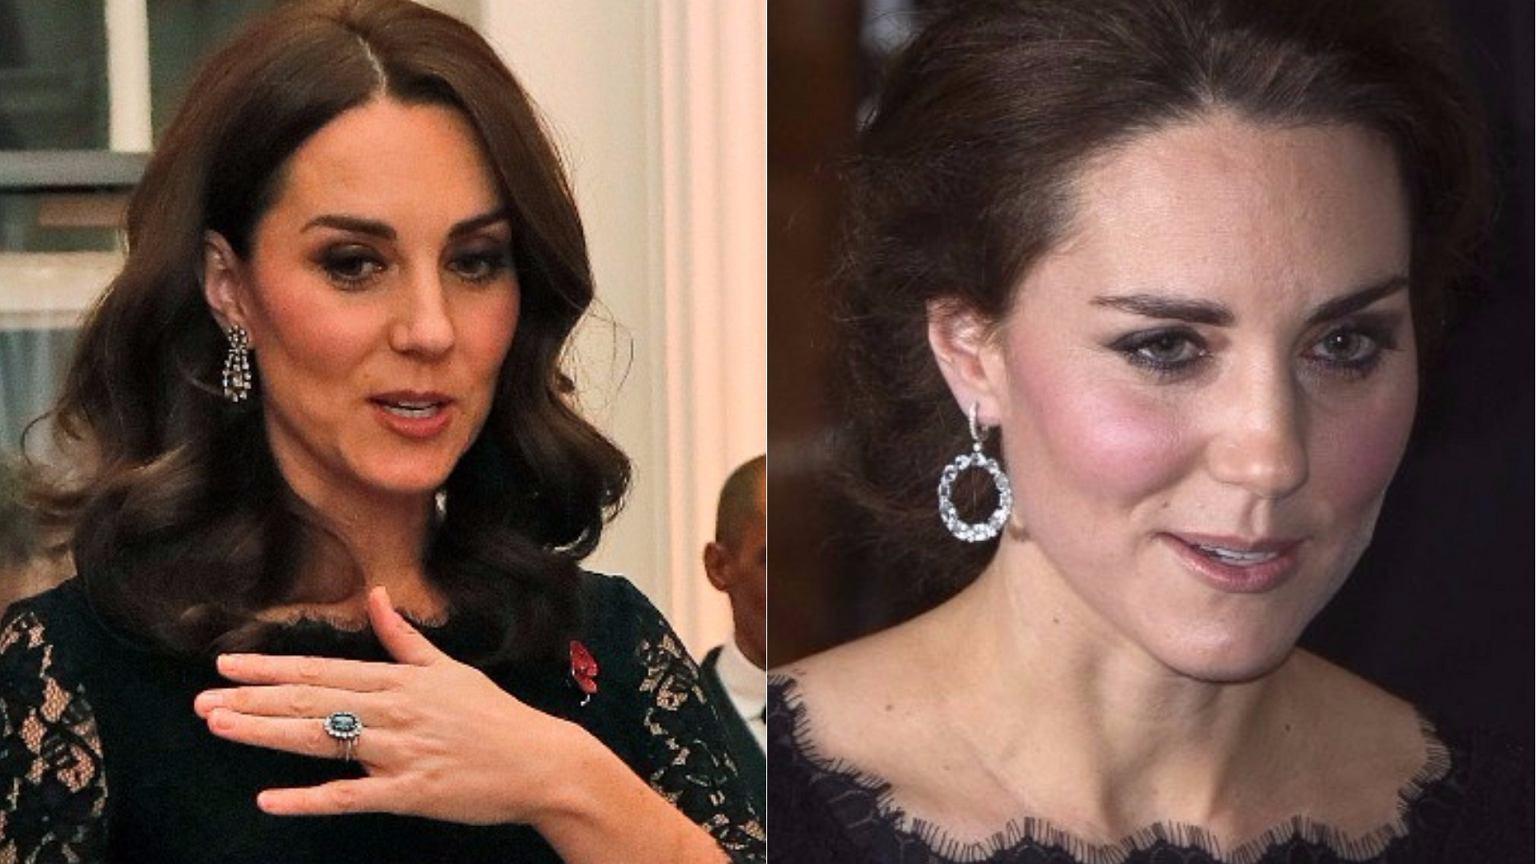 Księżna Kate Urodzi Bliźniaki Pokazała Się Pierwszy Raz